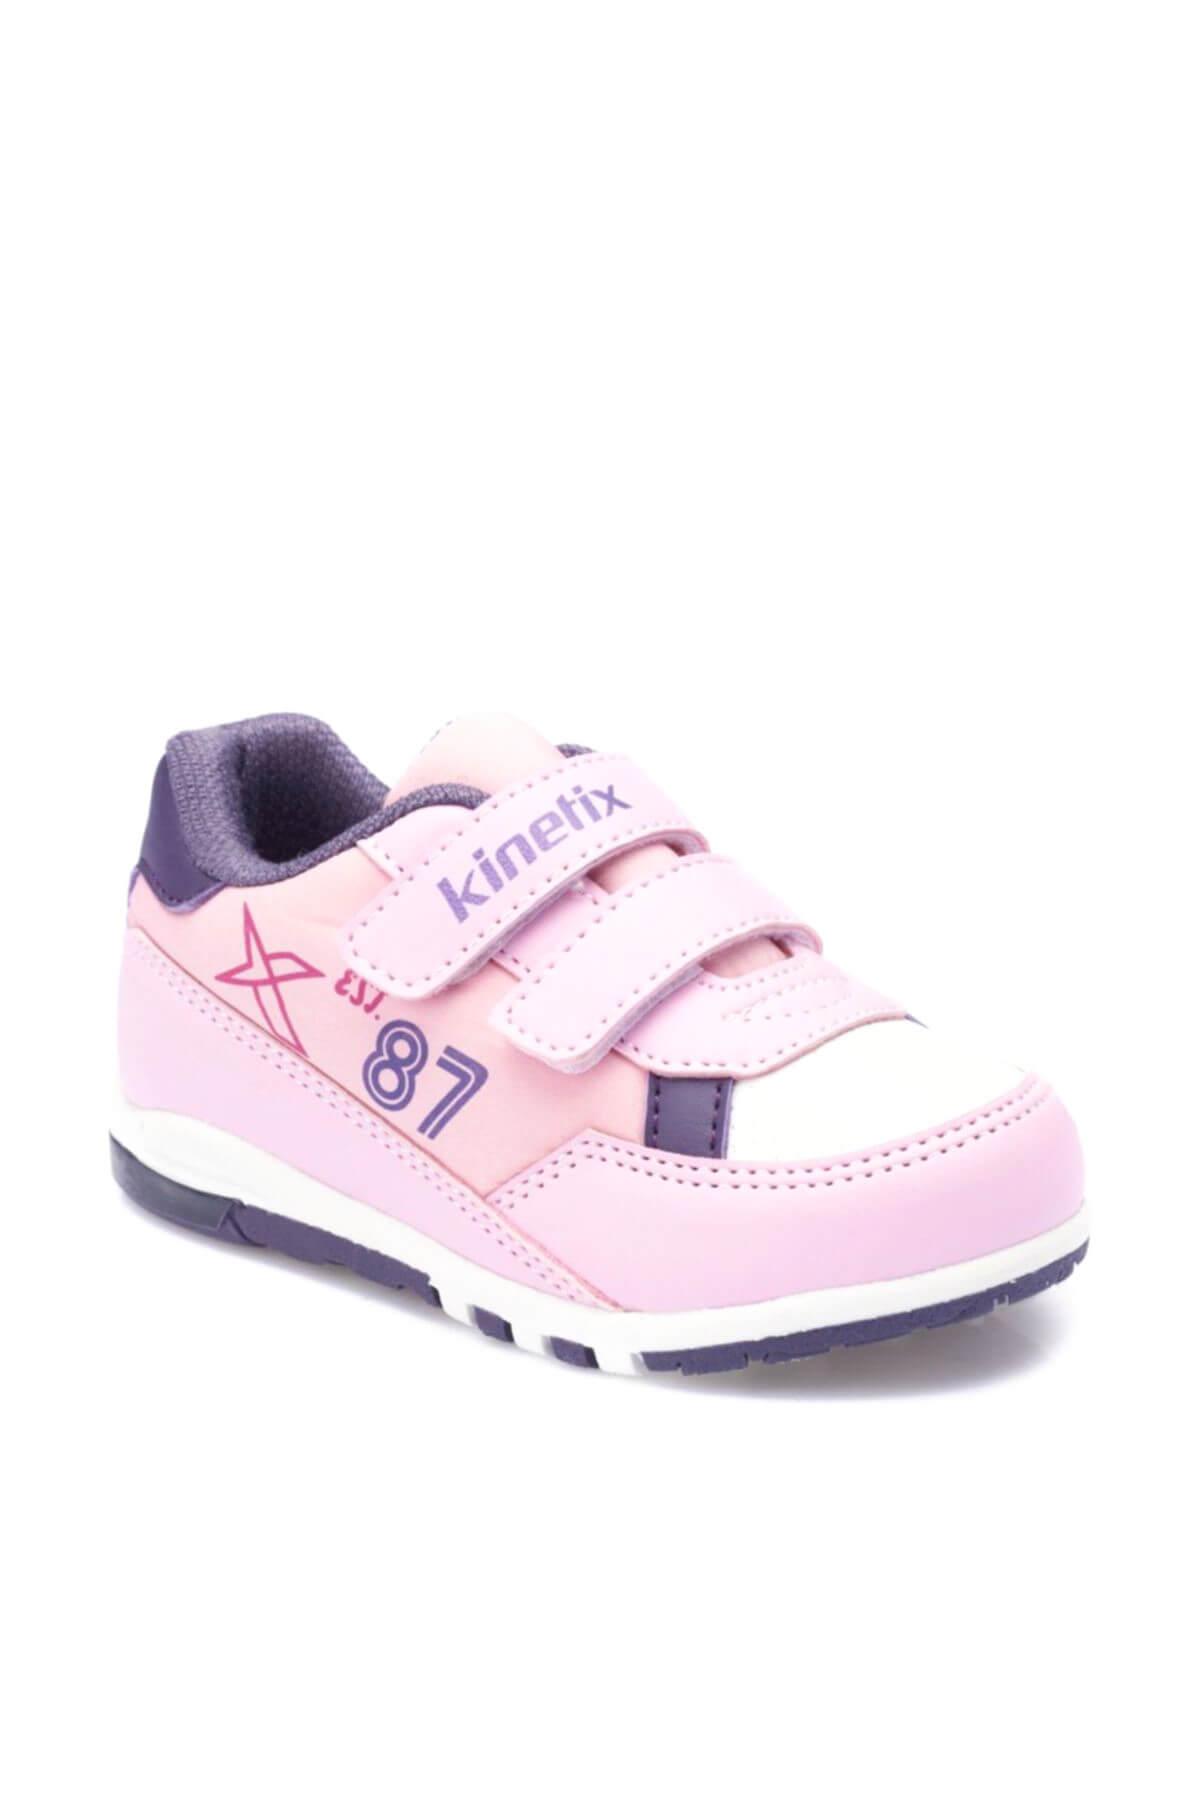 Kinetix Melsi Açık Pembe Mor Kız Çocuk Sneaker Ayakkabı 100325659 1